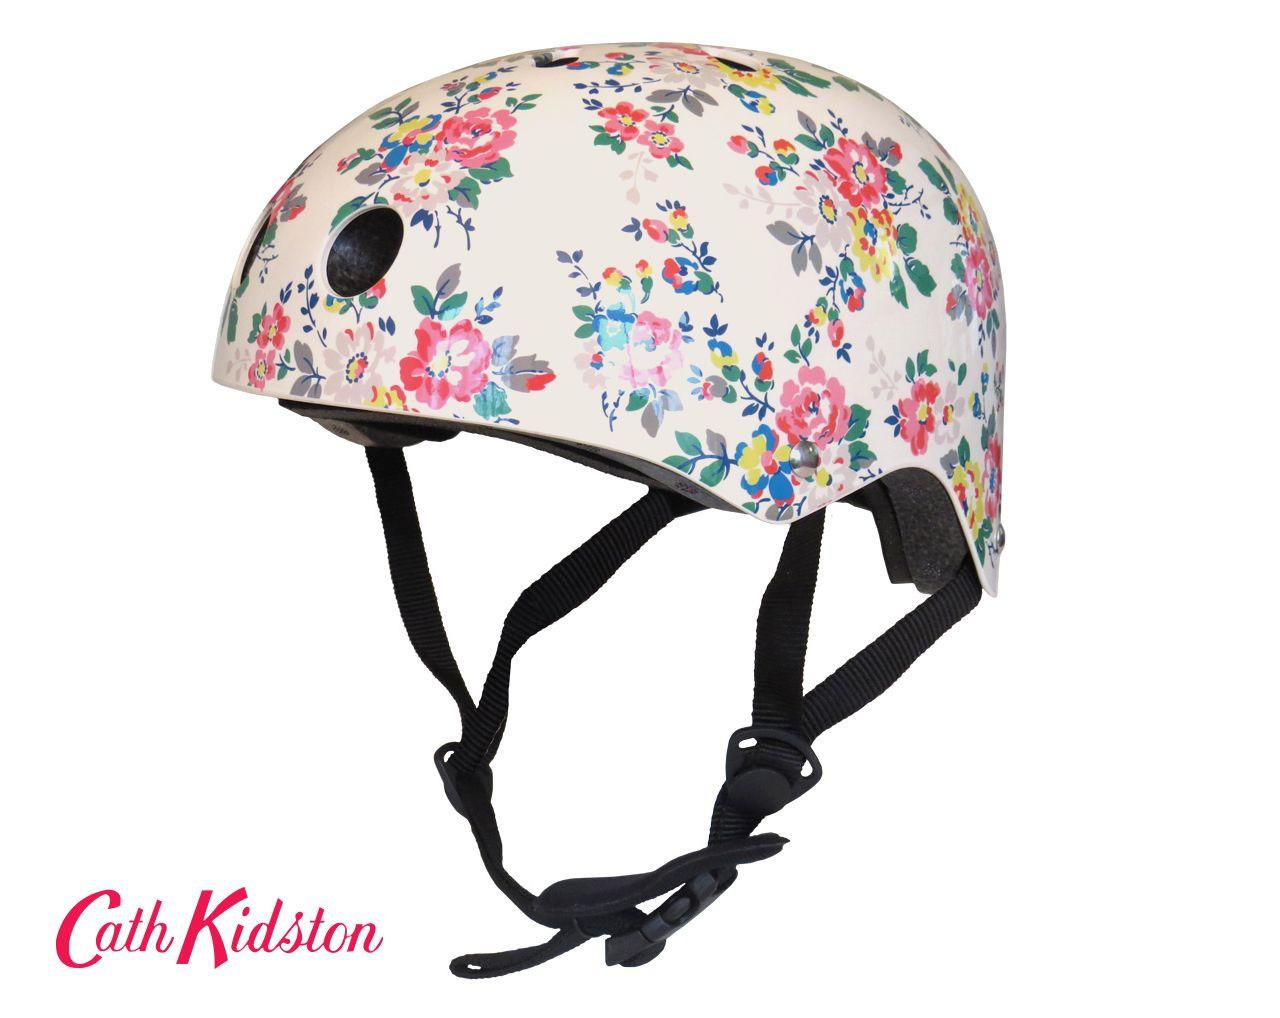 Cath Kidston Cycle Helmet Kingswood Rose Bicycle Pretty Bike